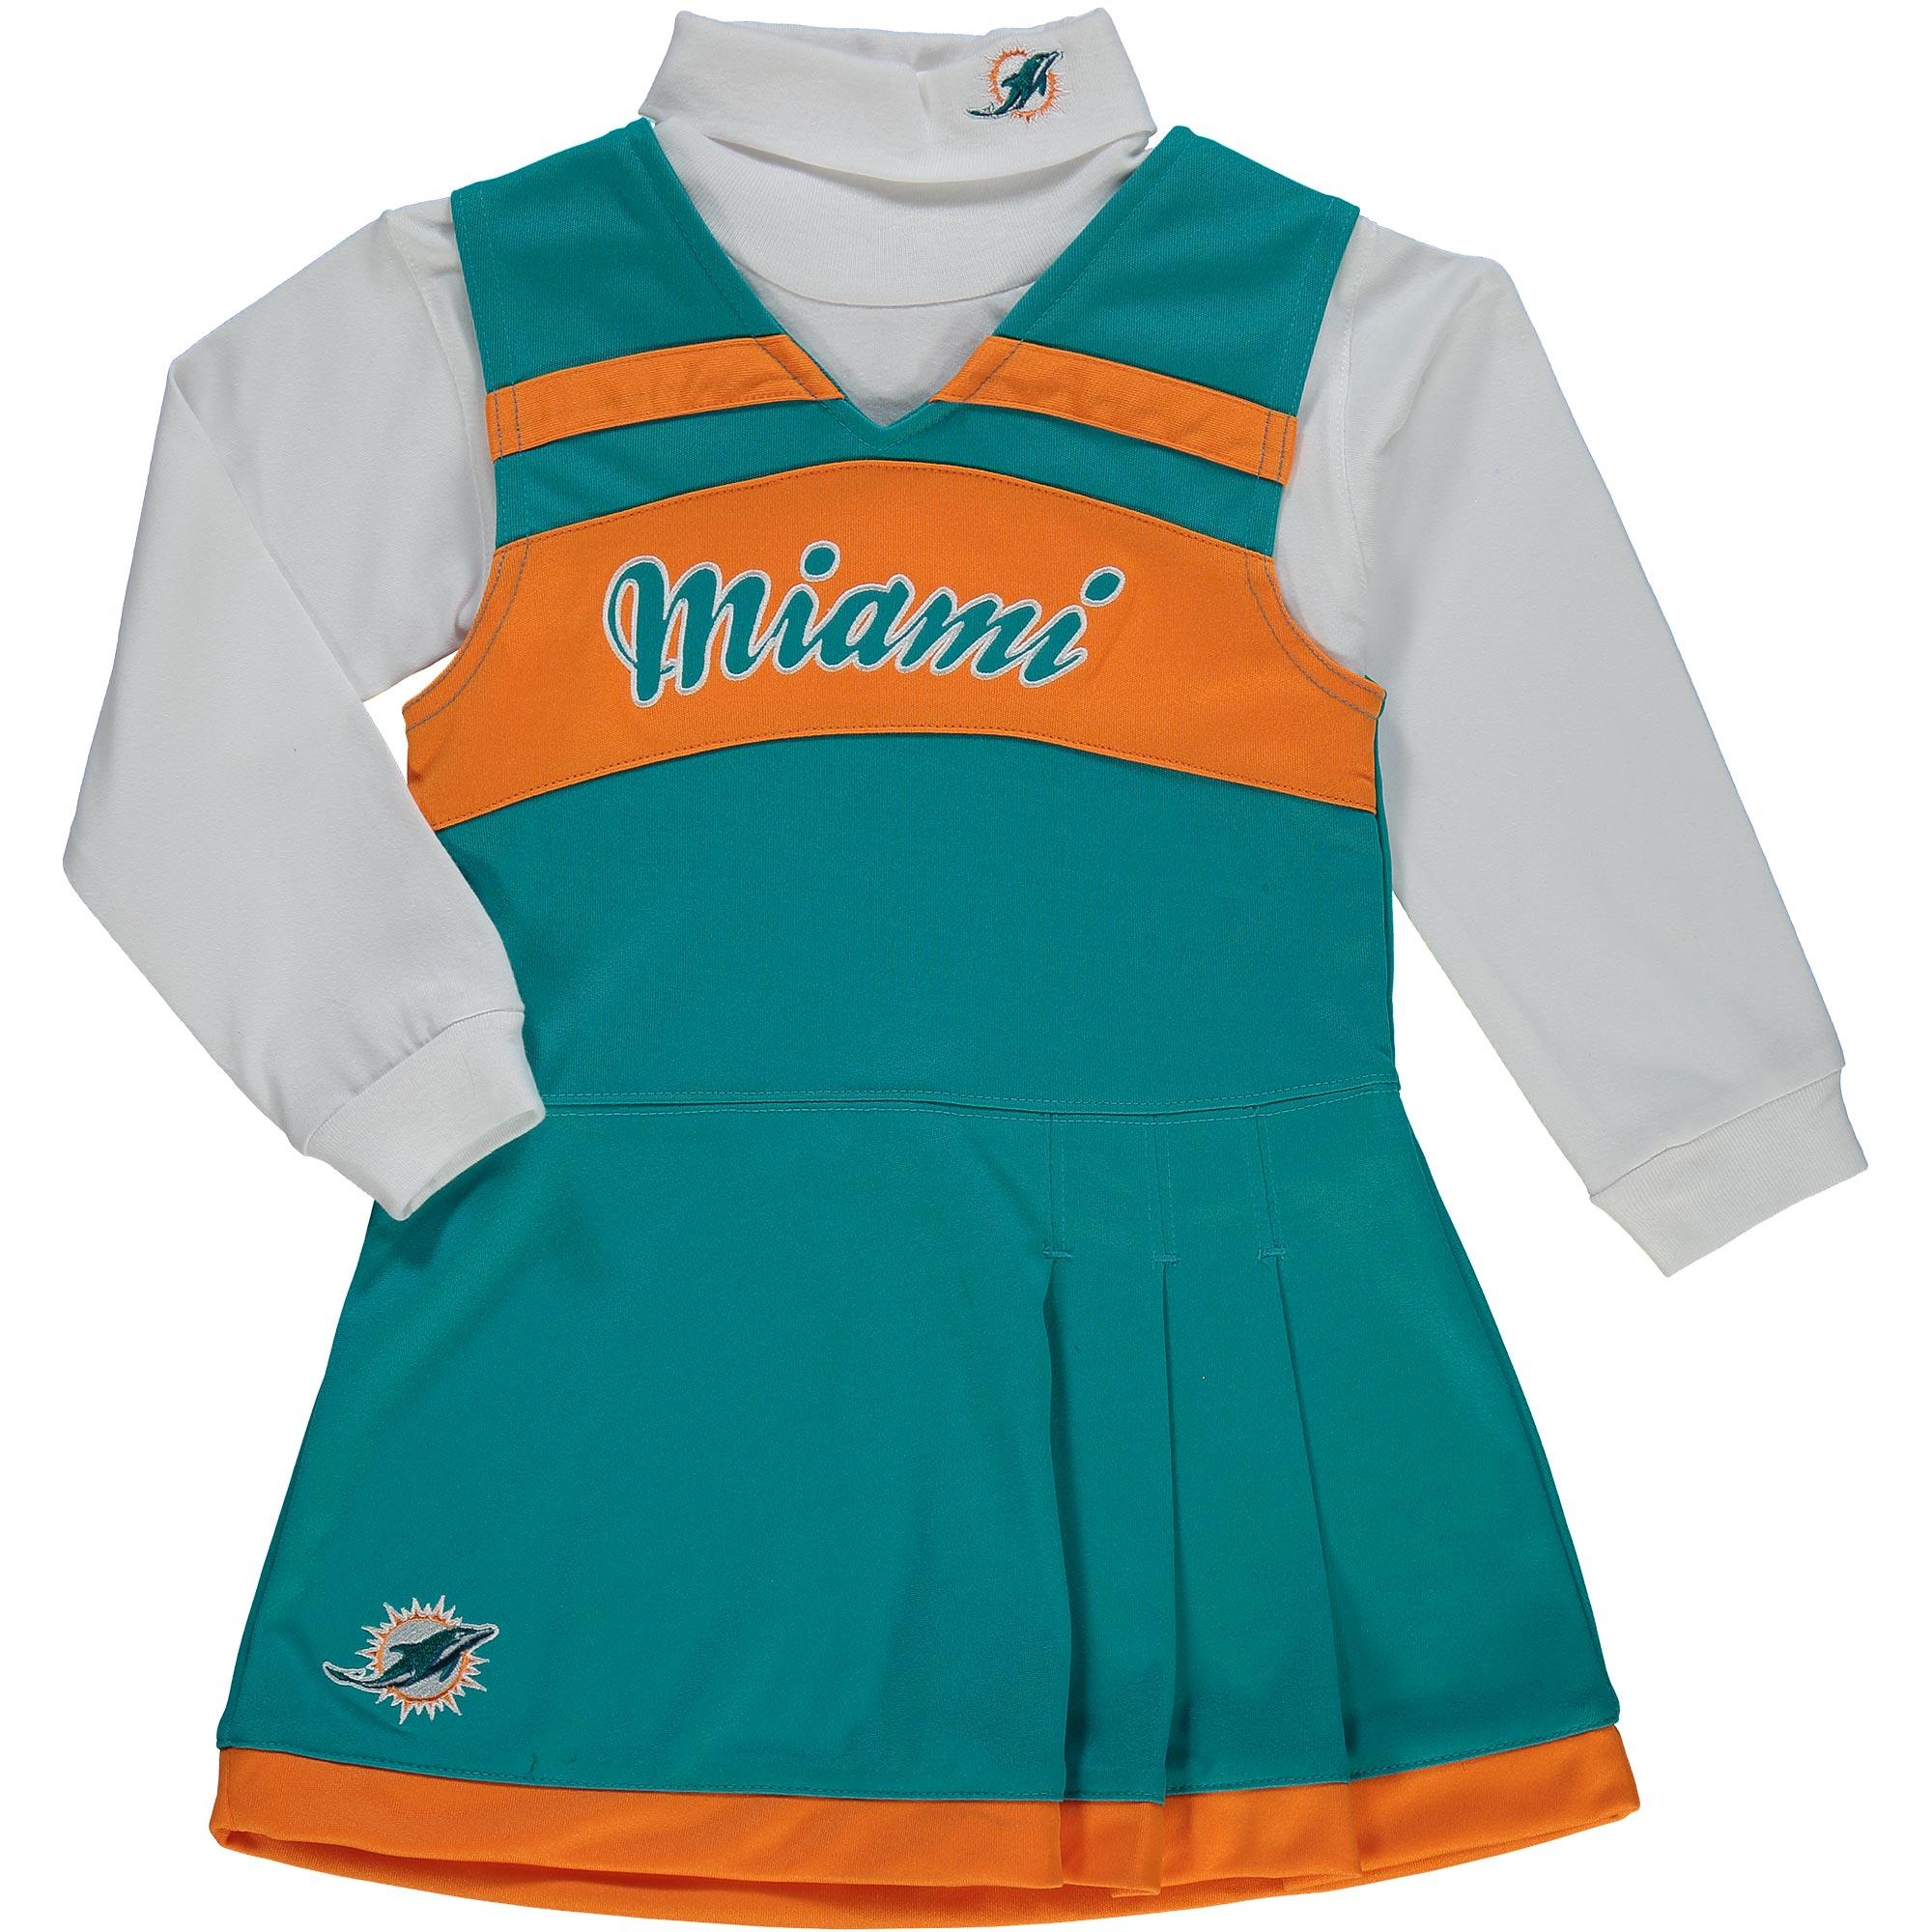 Nfl Raiders Cheerleader Outfit Girls